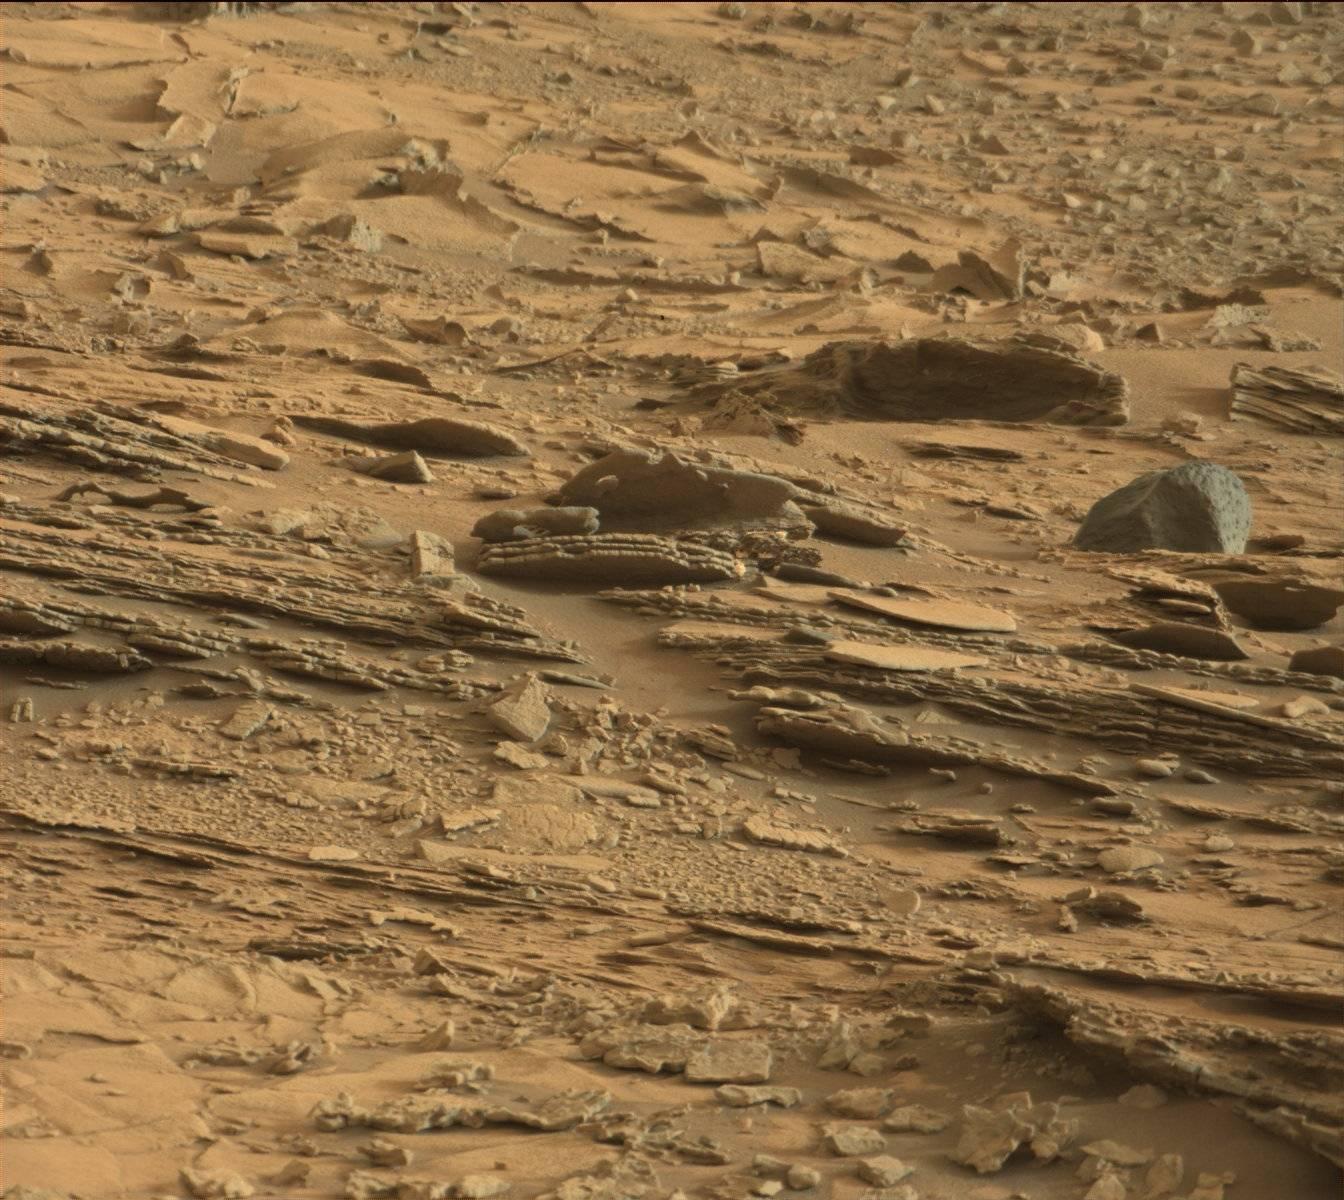 jpl mars rover curiosity - photo #43